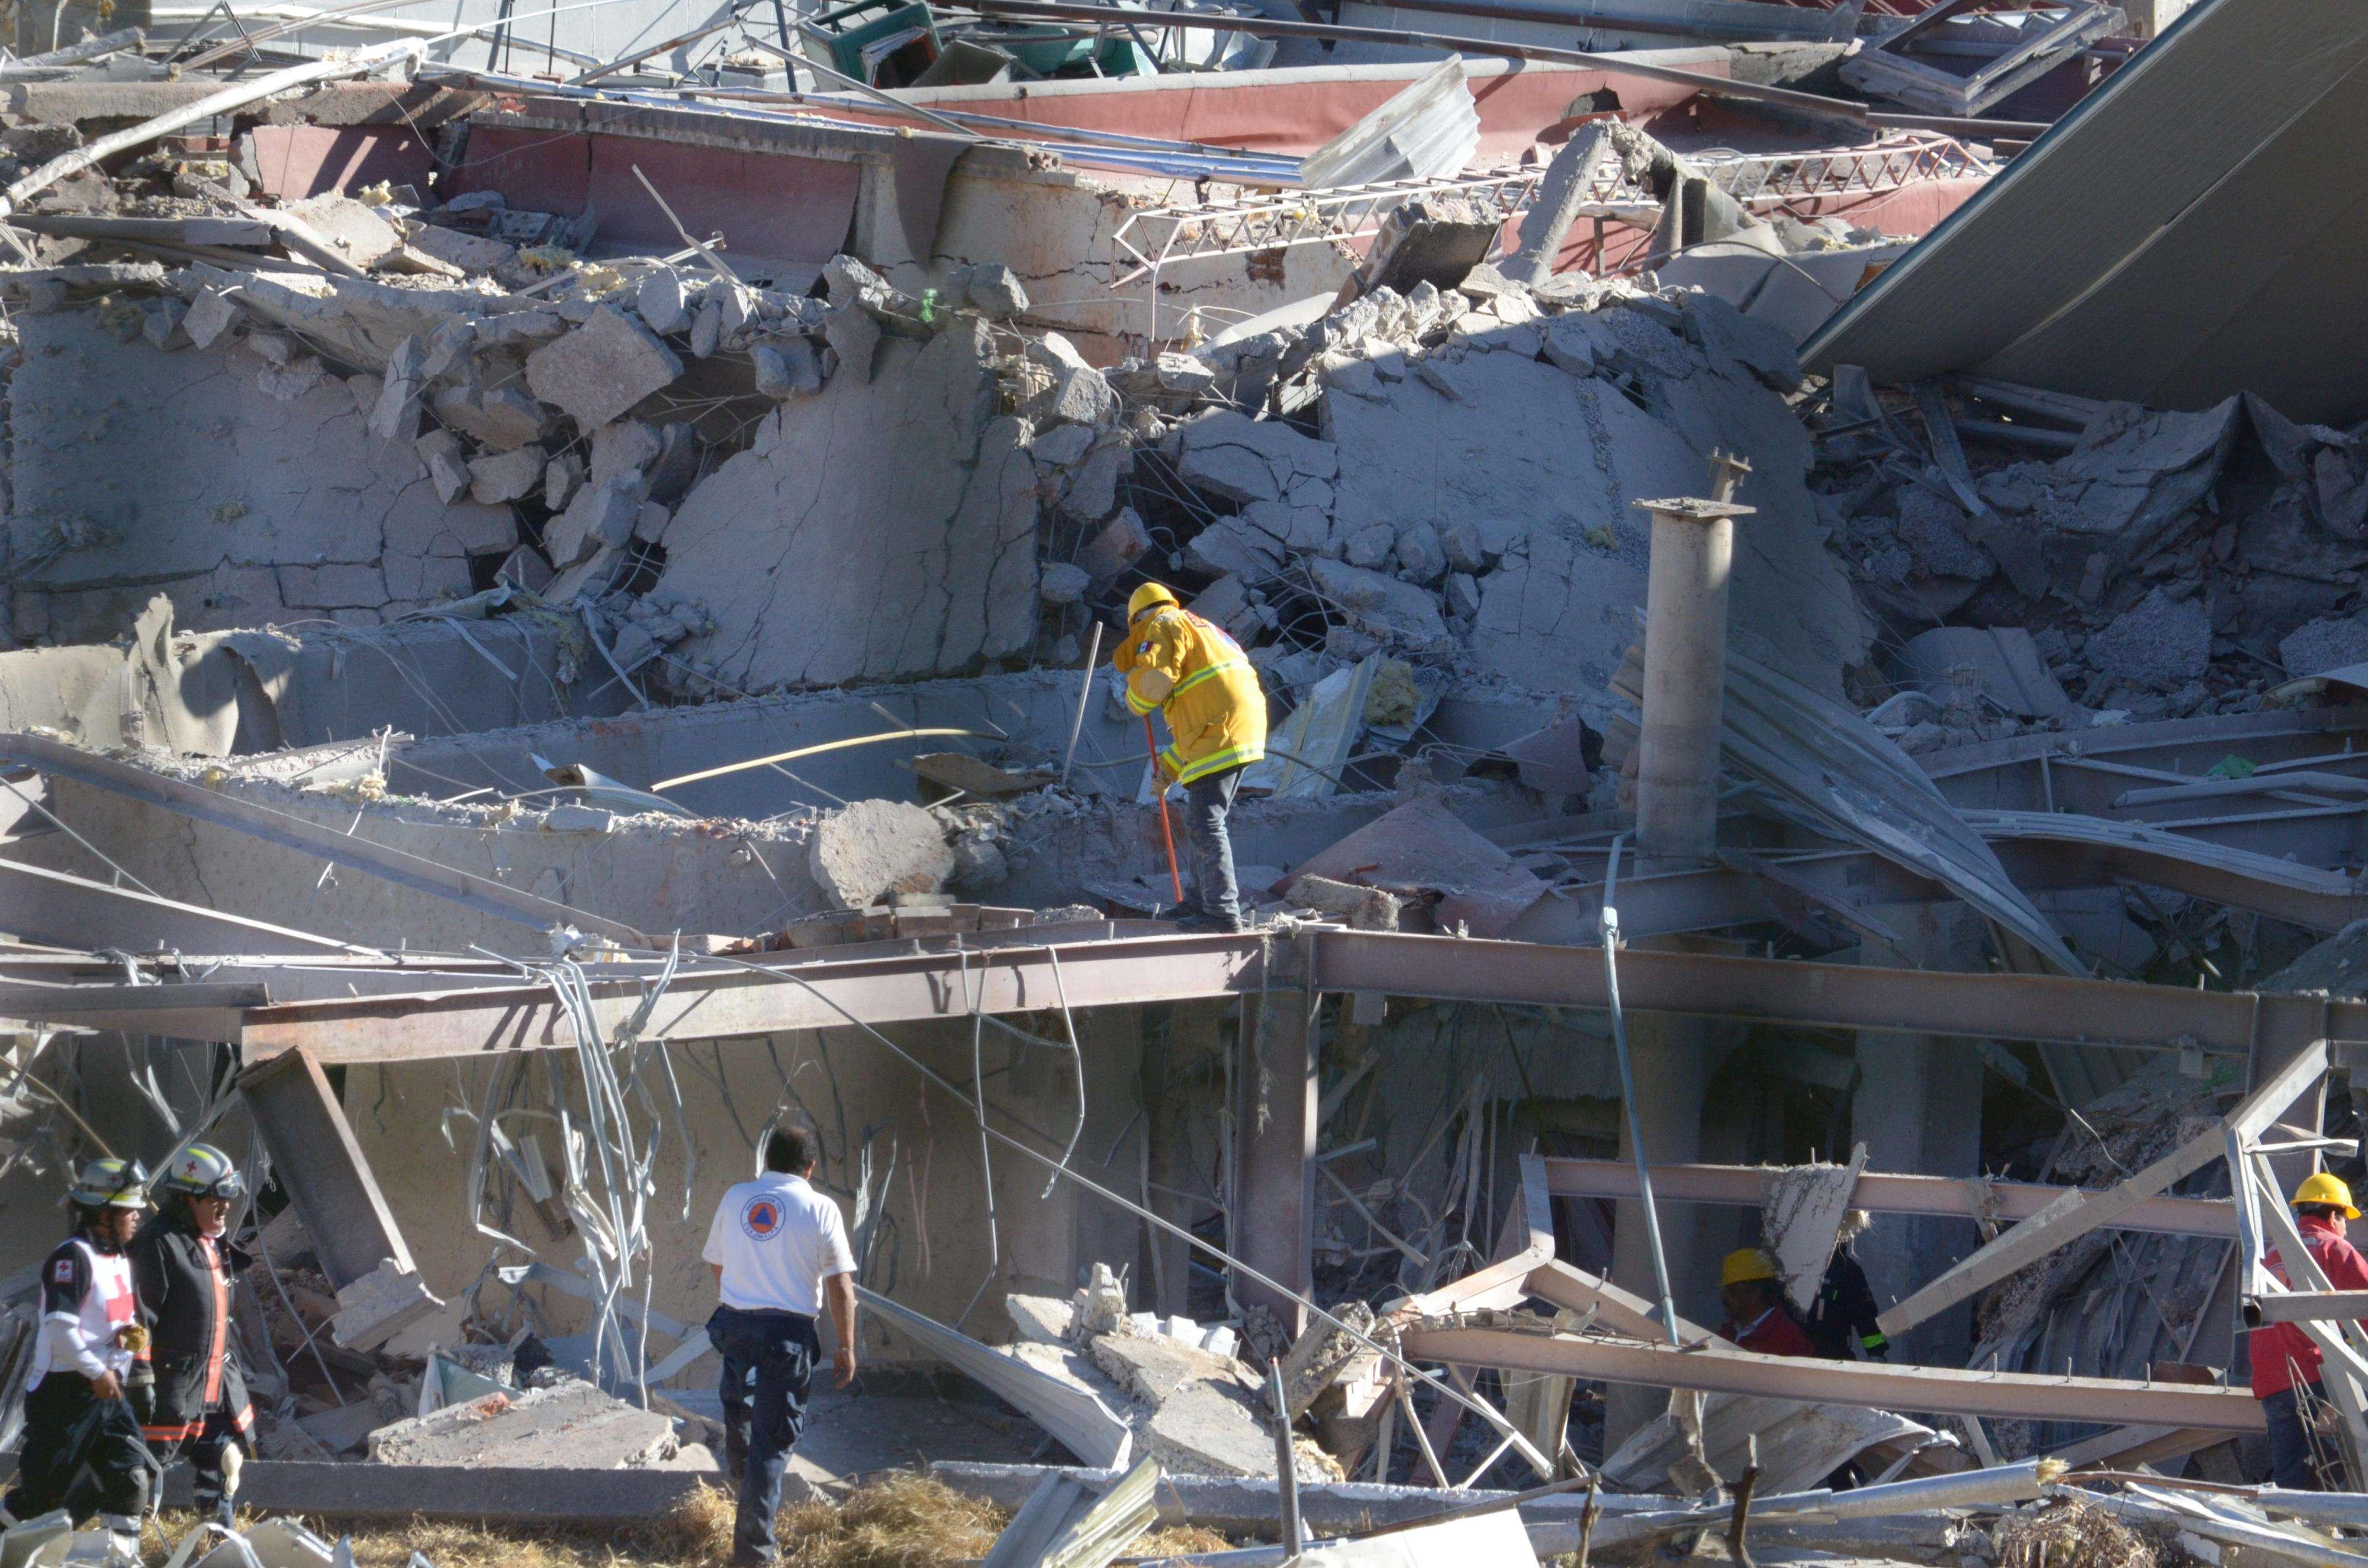 """El jefe de la delegación de Cuajimalpa, Adrián Rubalcava, dijo que el hospital está """"completamente derrumbado"""", señaló el funcionario desde el lugar de la emergencia, y añadió que una de las zonas más afectadas del nosocomio es la de los cuneros. Foto: AFP en español"""